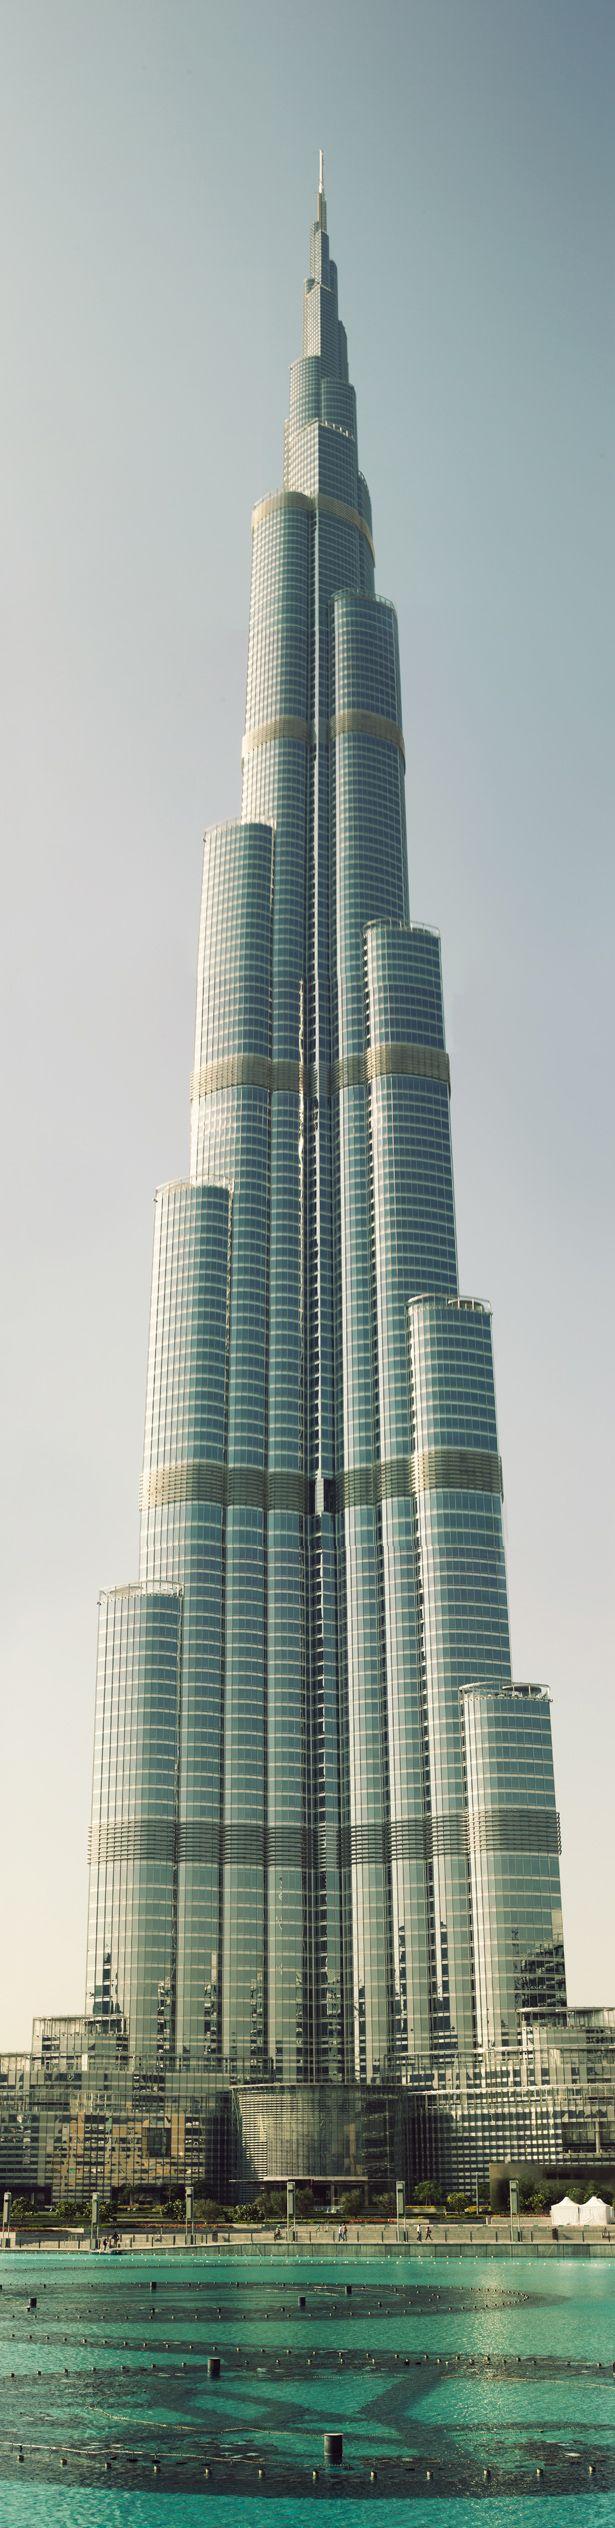 High in Dubaï